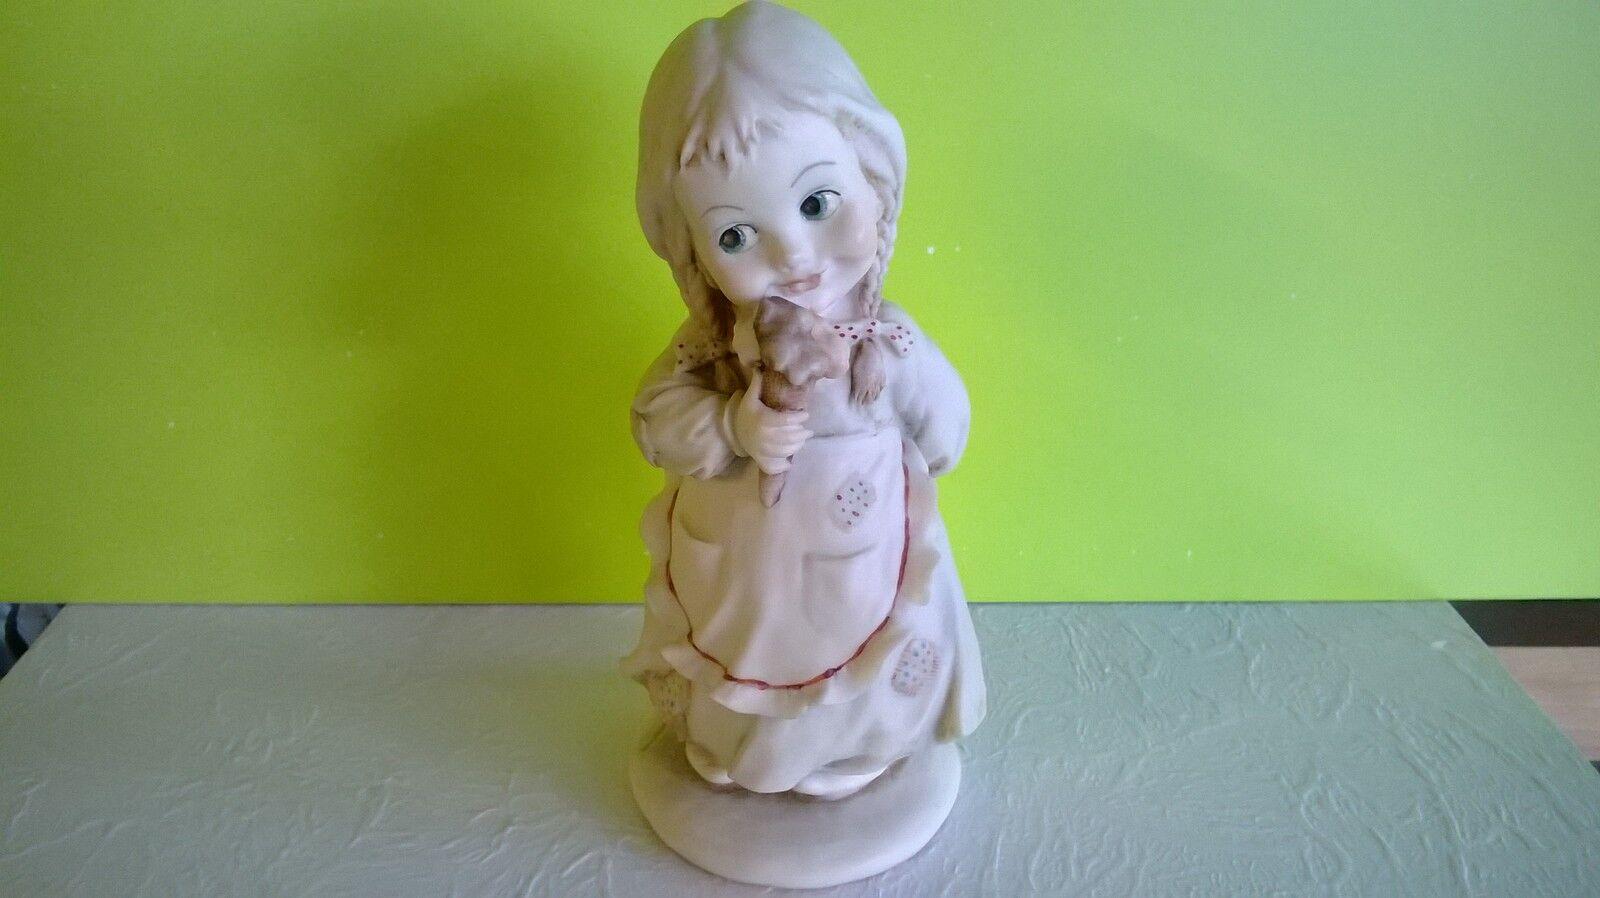 ARMANI NEW Posture enfant fille avec cornet de glace 16cm